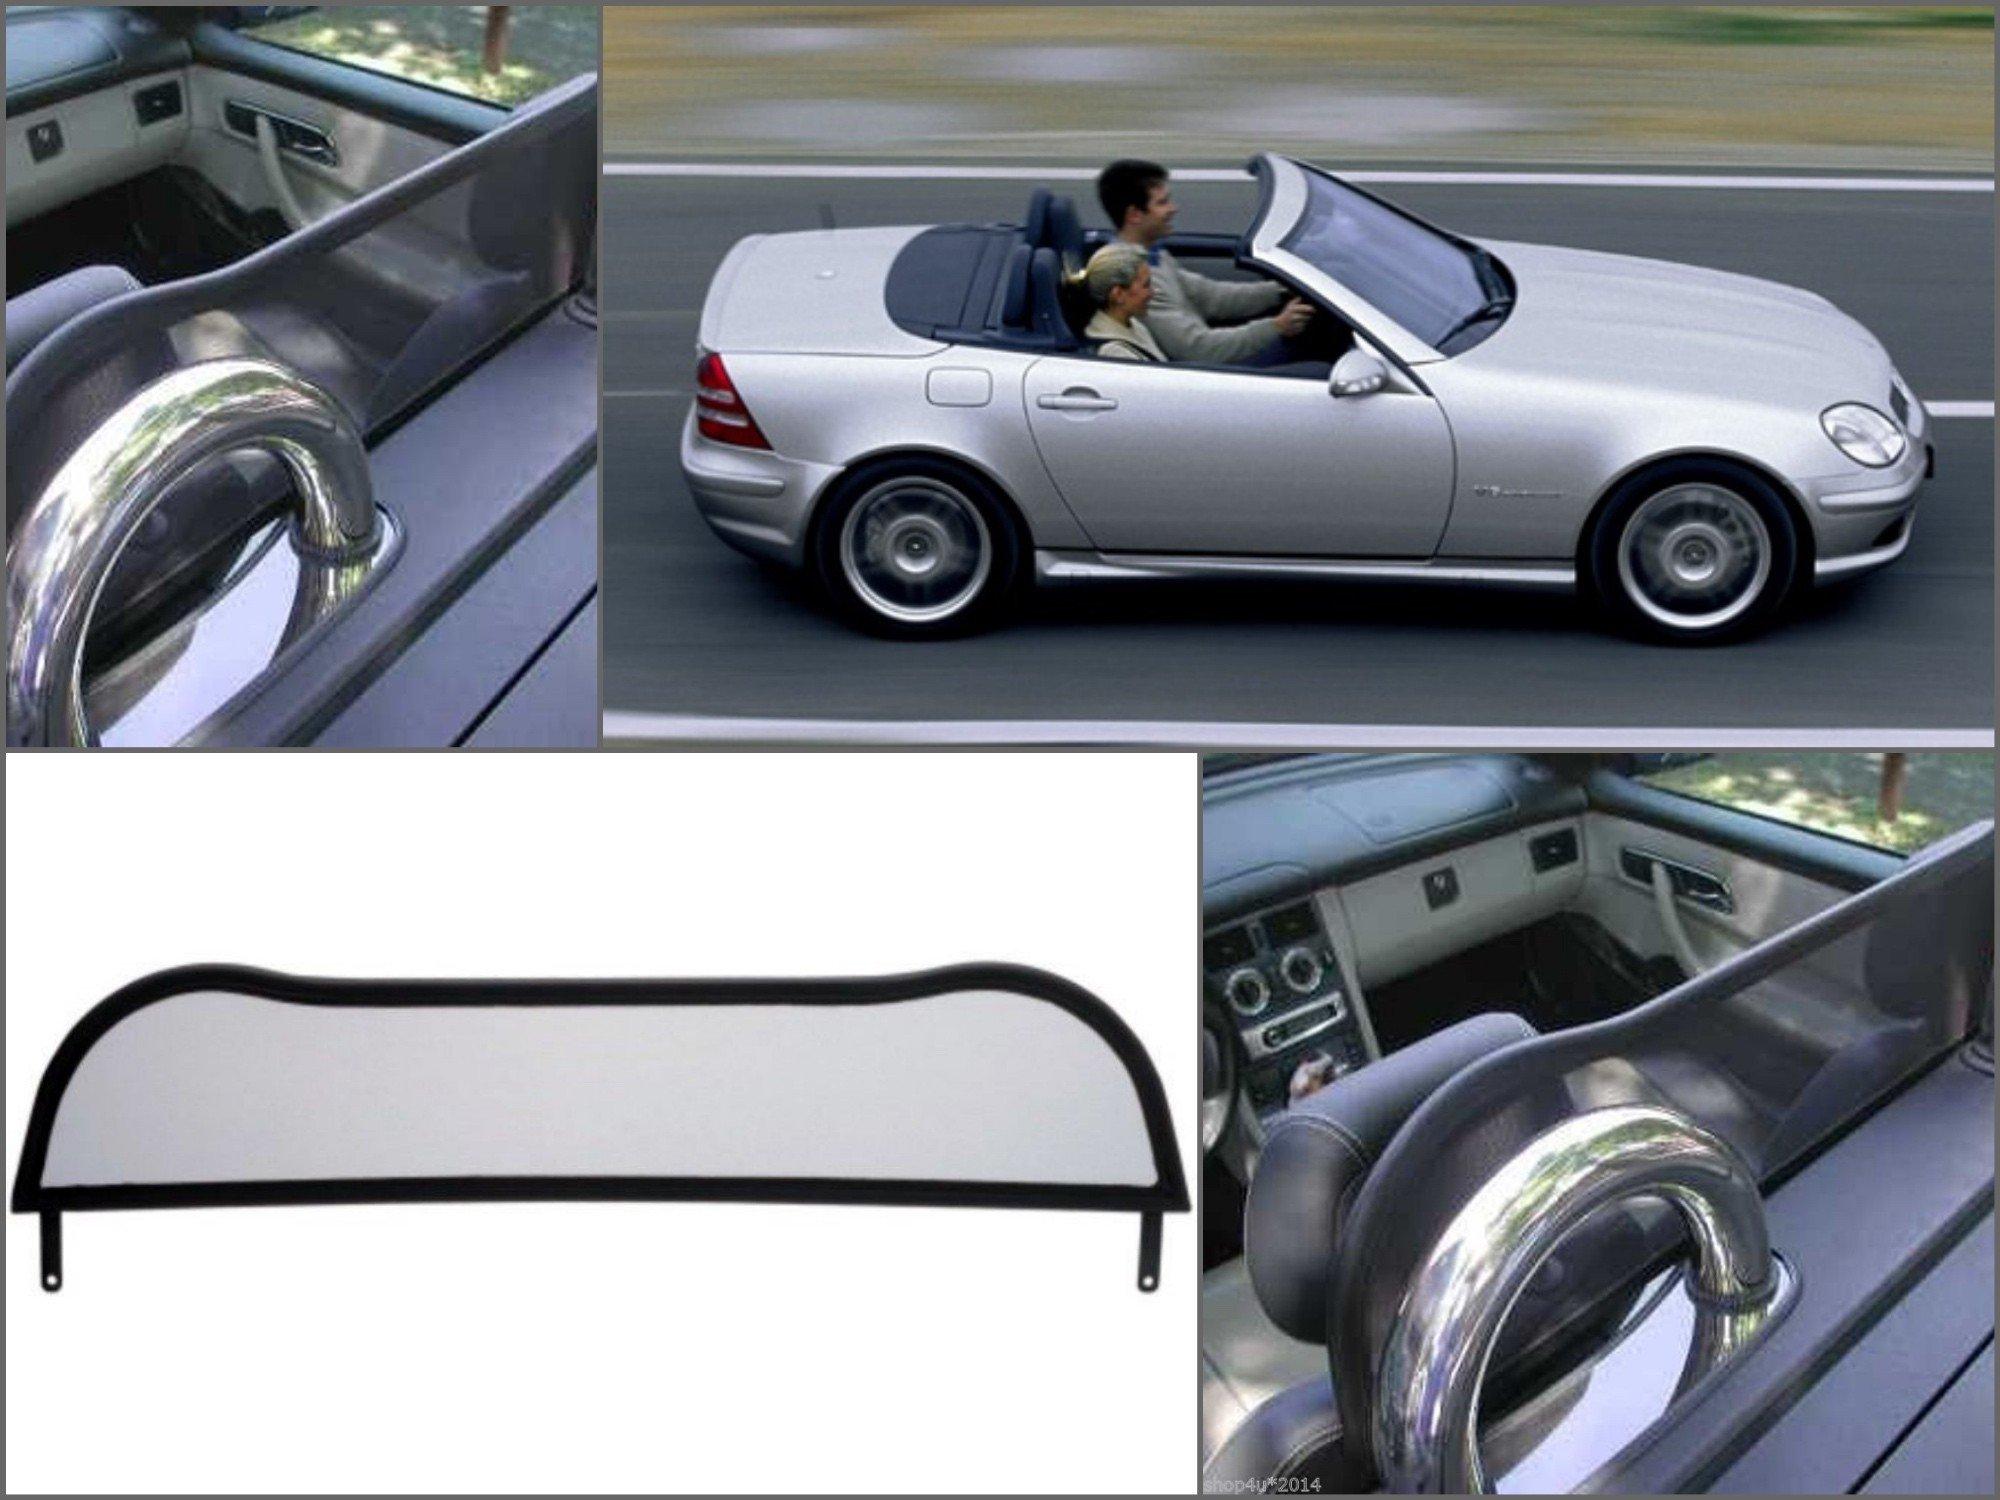 Deflettore aria per Mercedes SL R107 Paravento per decappottabili 1971-1989 Frangivento